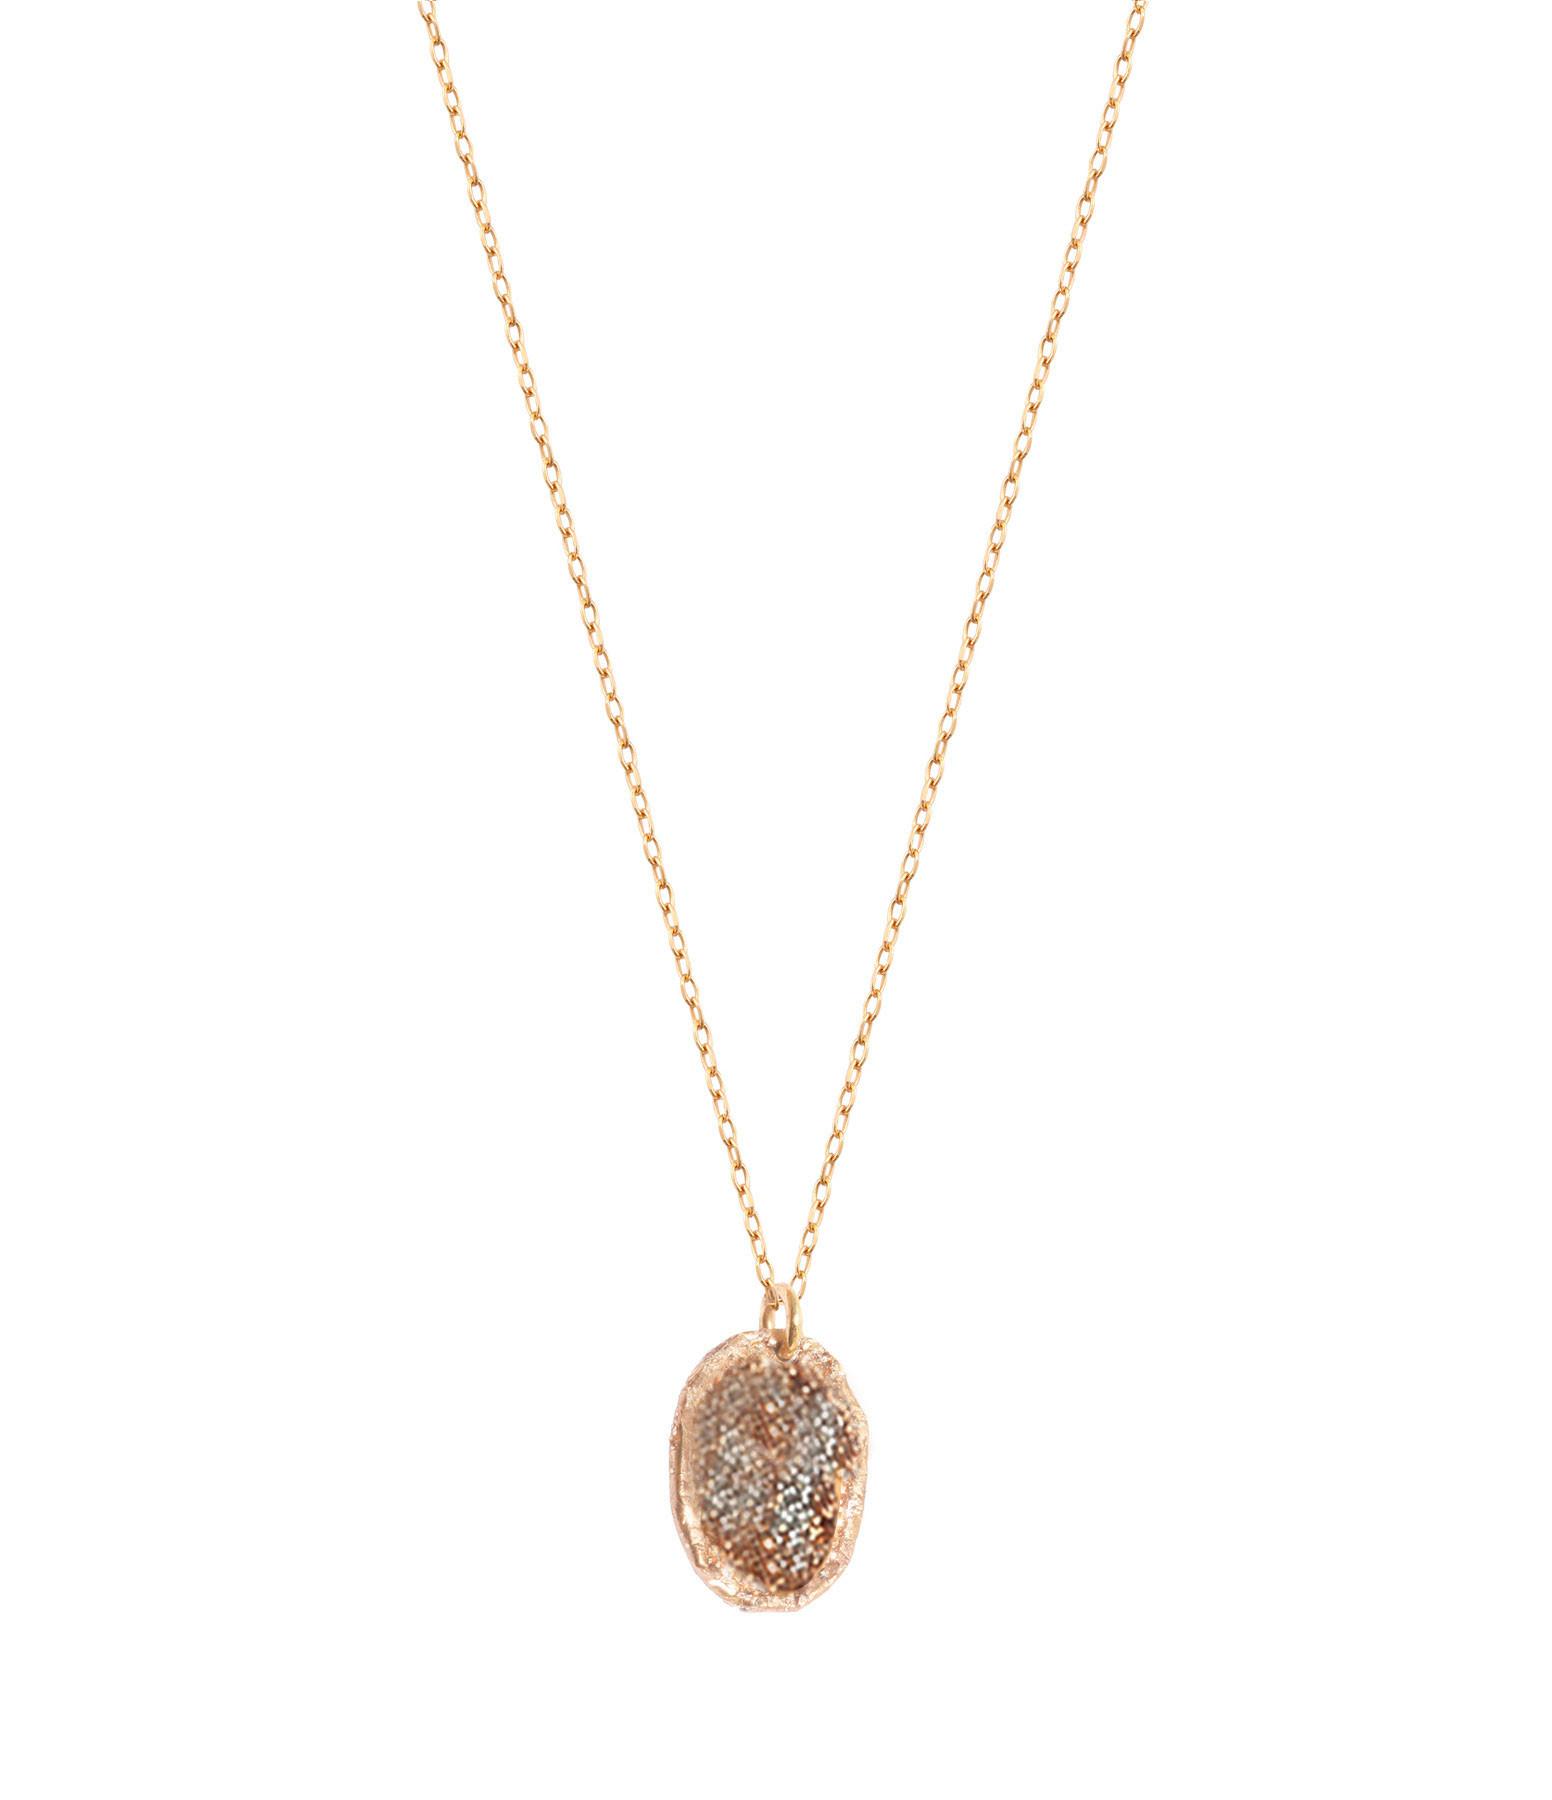 LSONGE - Collier Eclat Médaille M Argent Doré